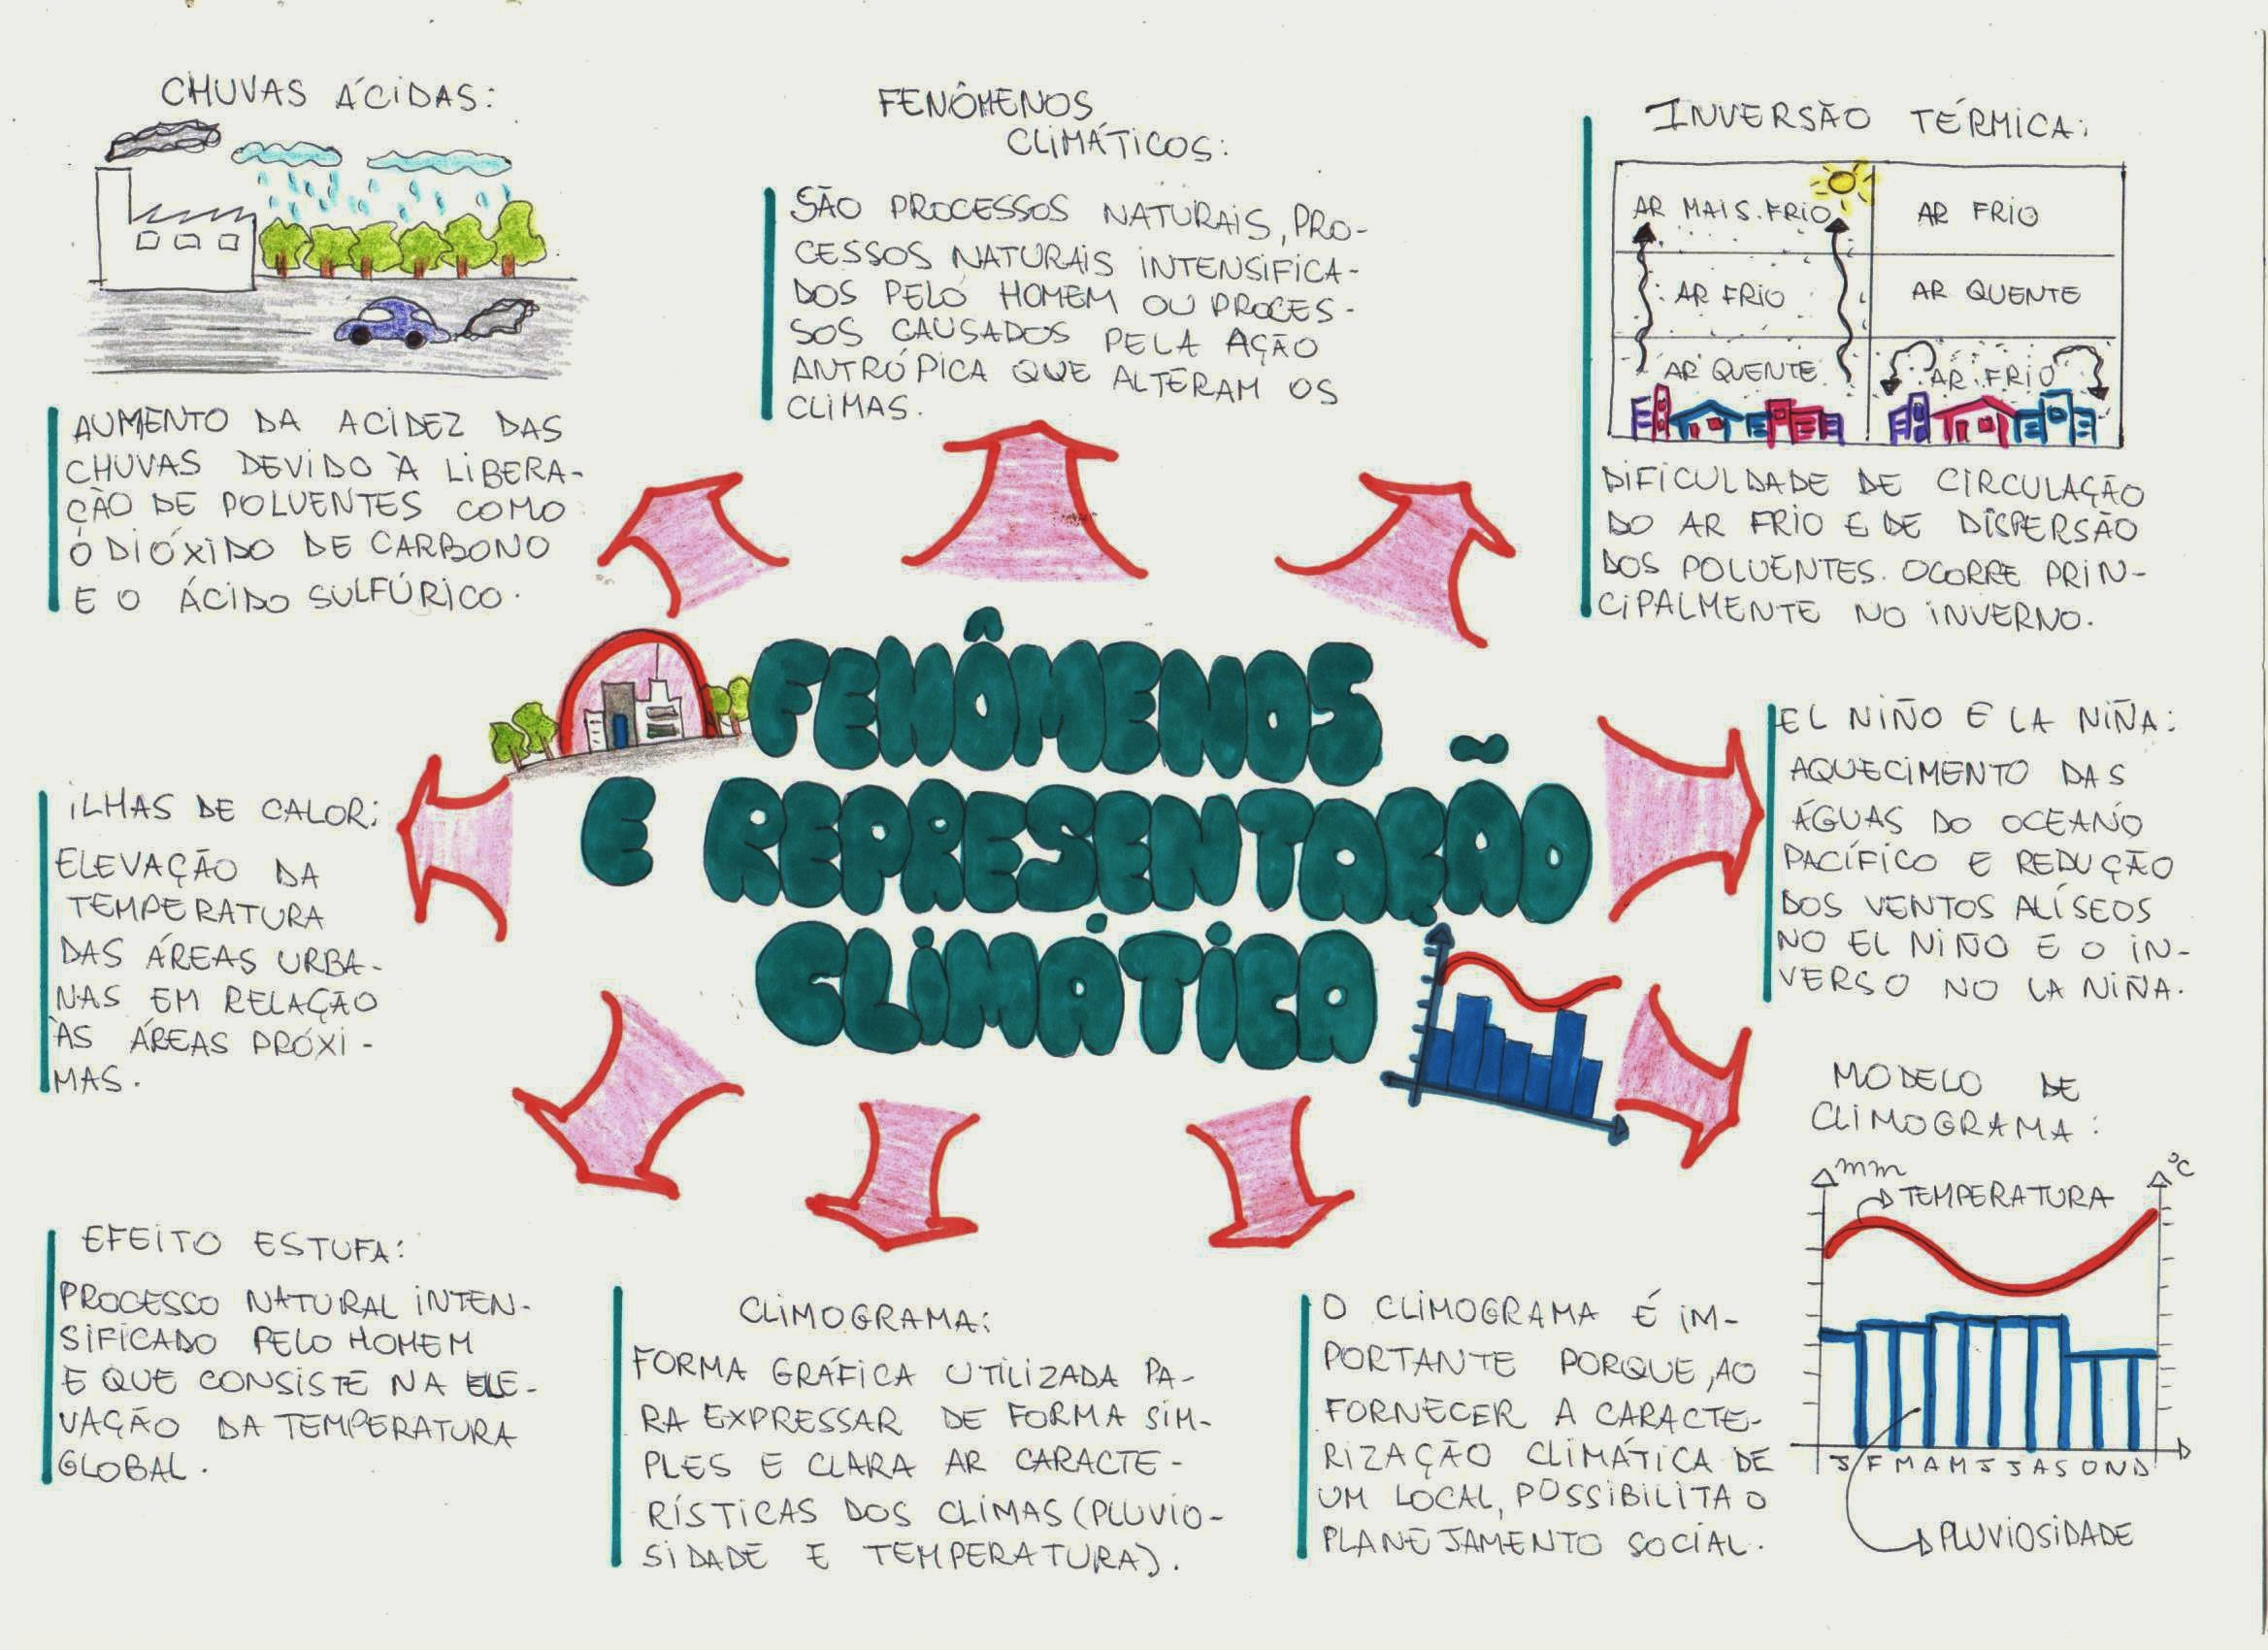 fenomenos climaticos